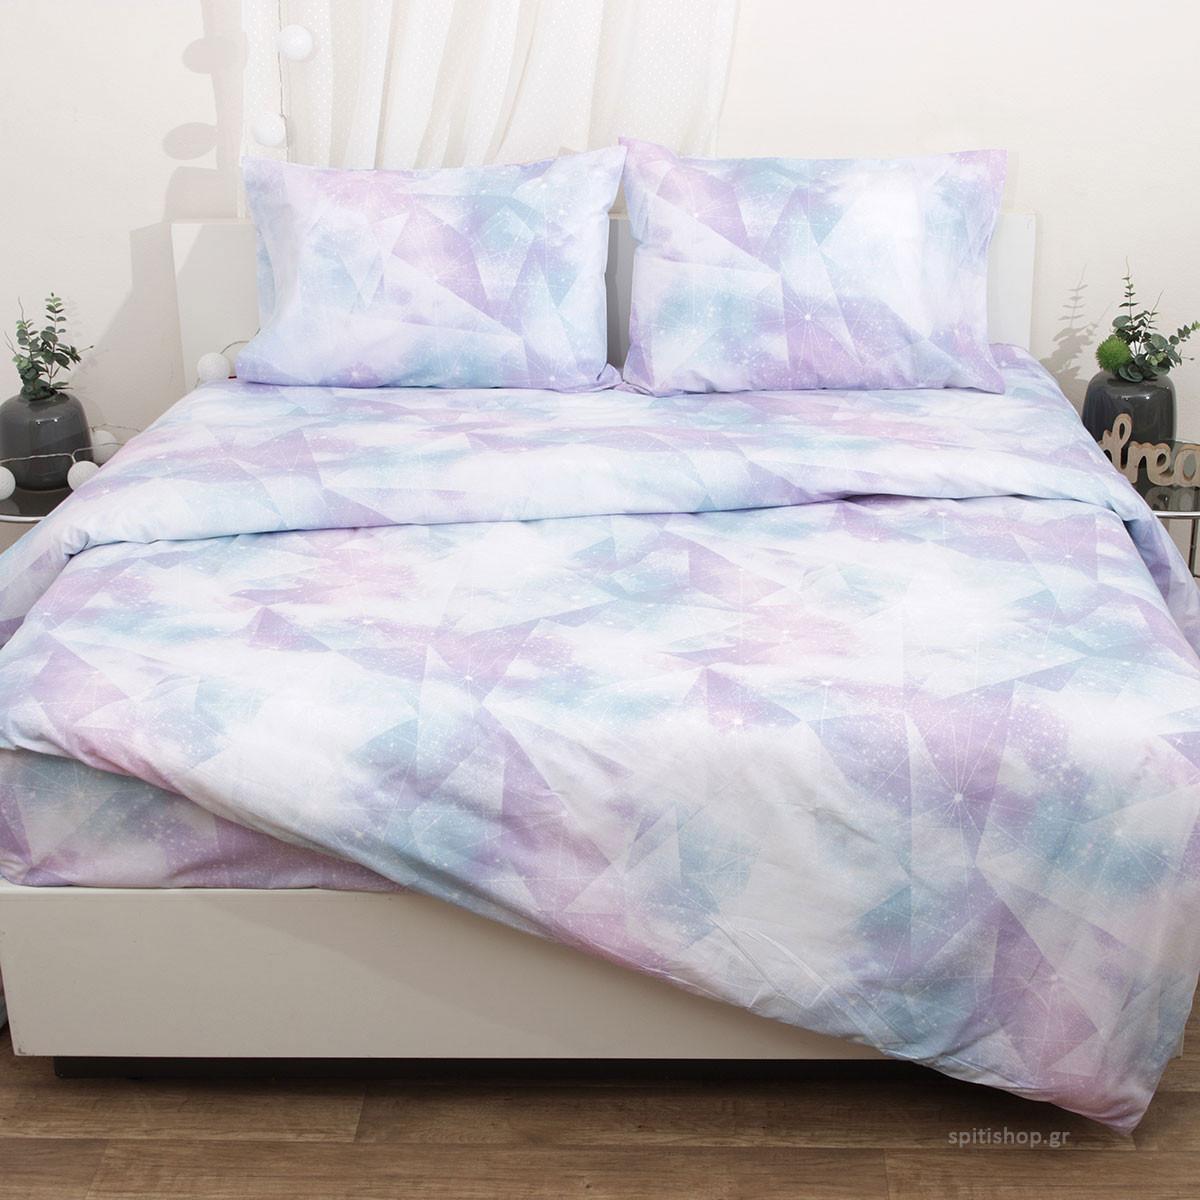 Σεντόνια Ημίδιπλα (Σετ) Viopros Fresh Γκάλαξυ home   κρεβατοκάμαρα   σεντόνια   σεντόνια ημίδιπλα   διπλά